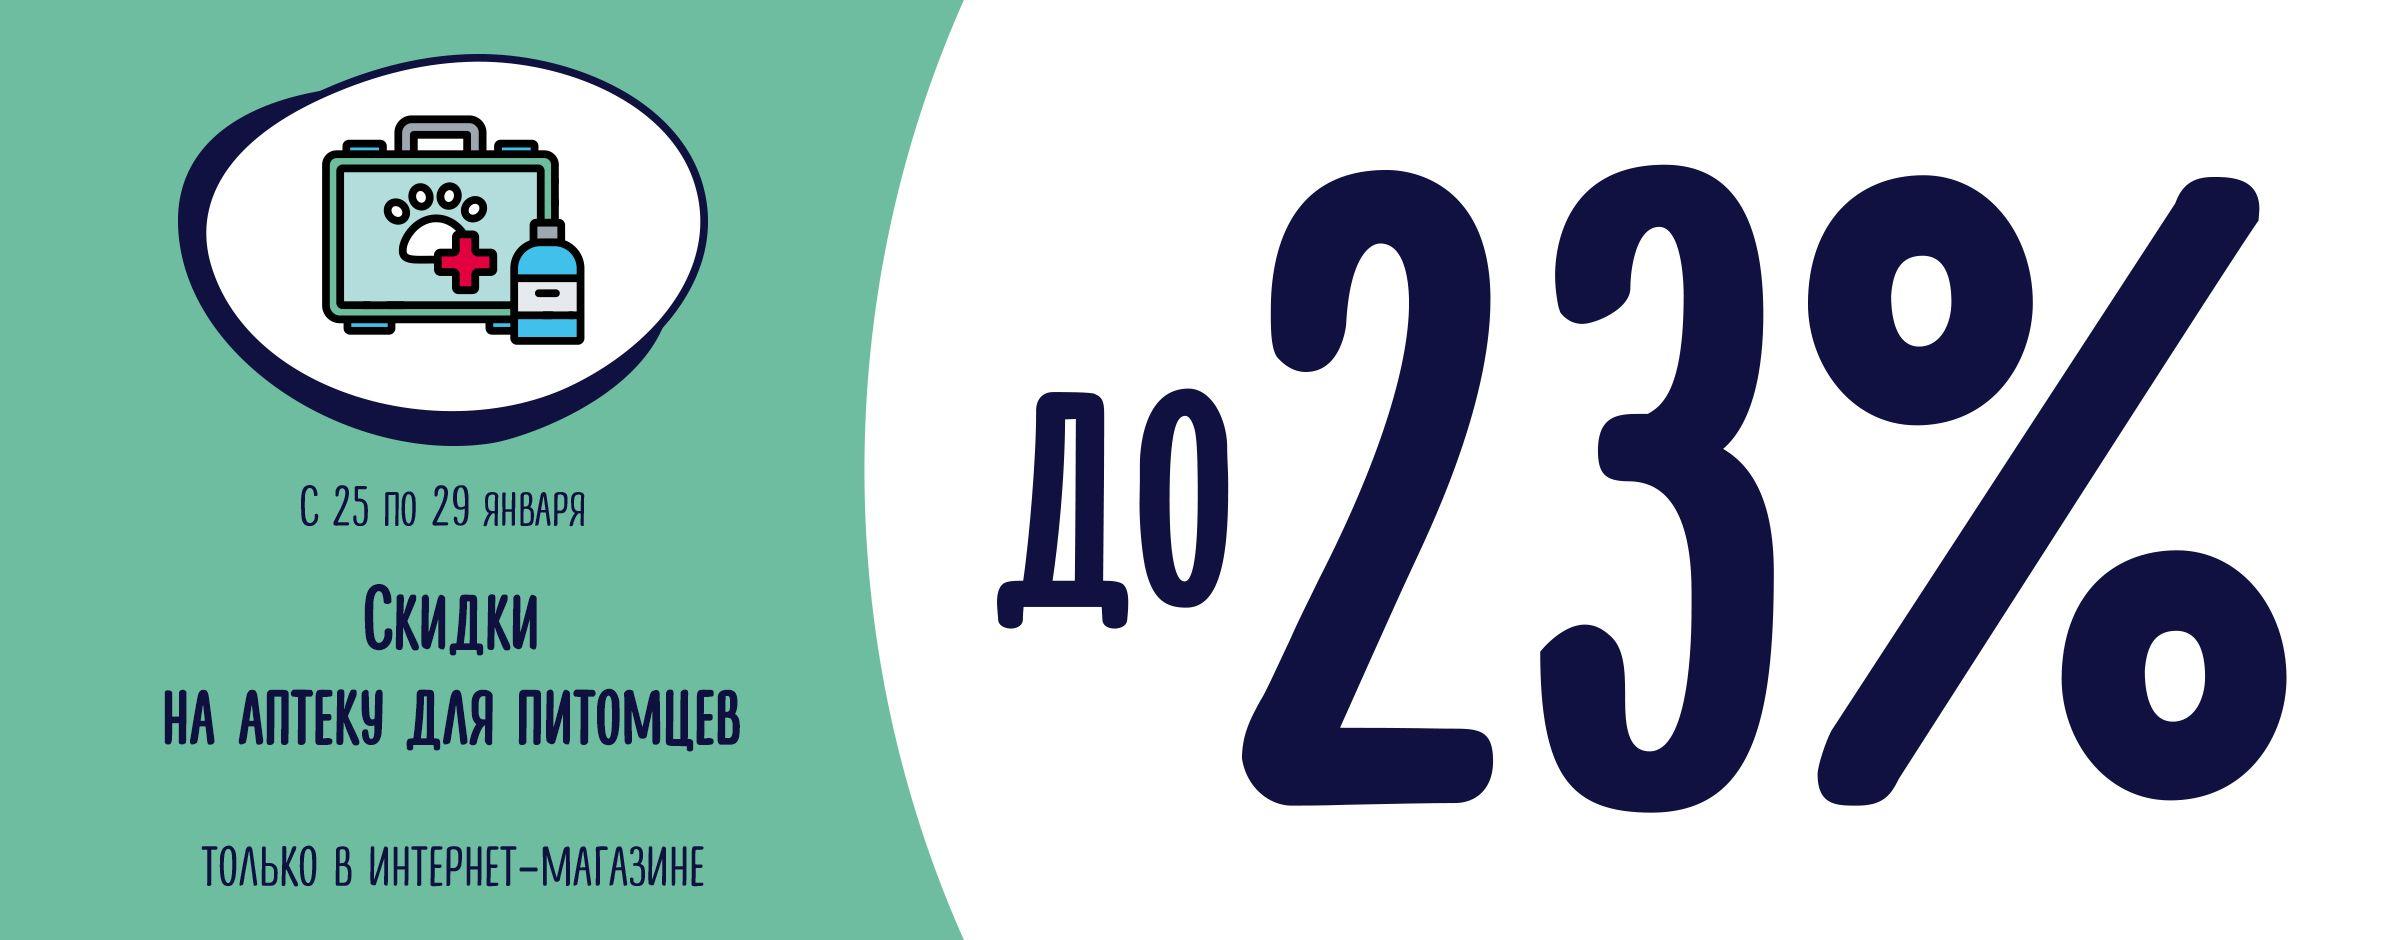 Скидки до 23% на аптеку для питомцев